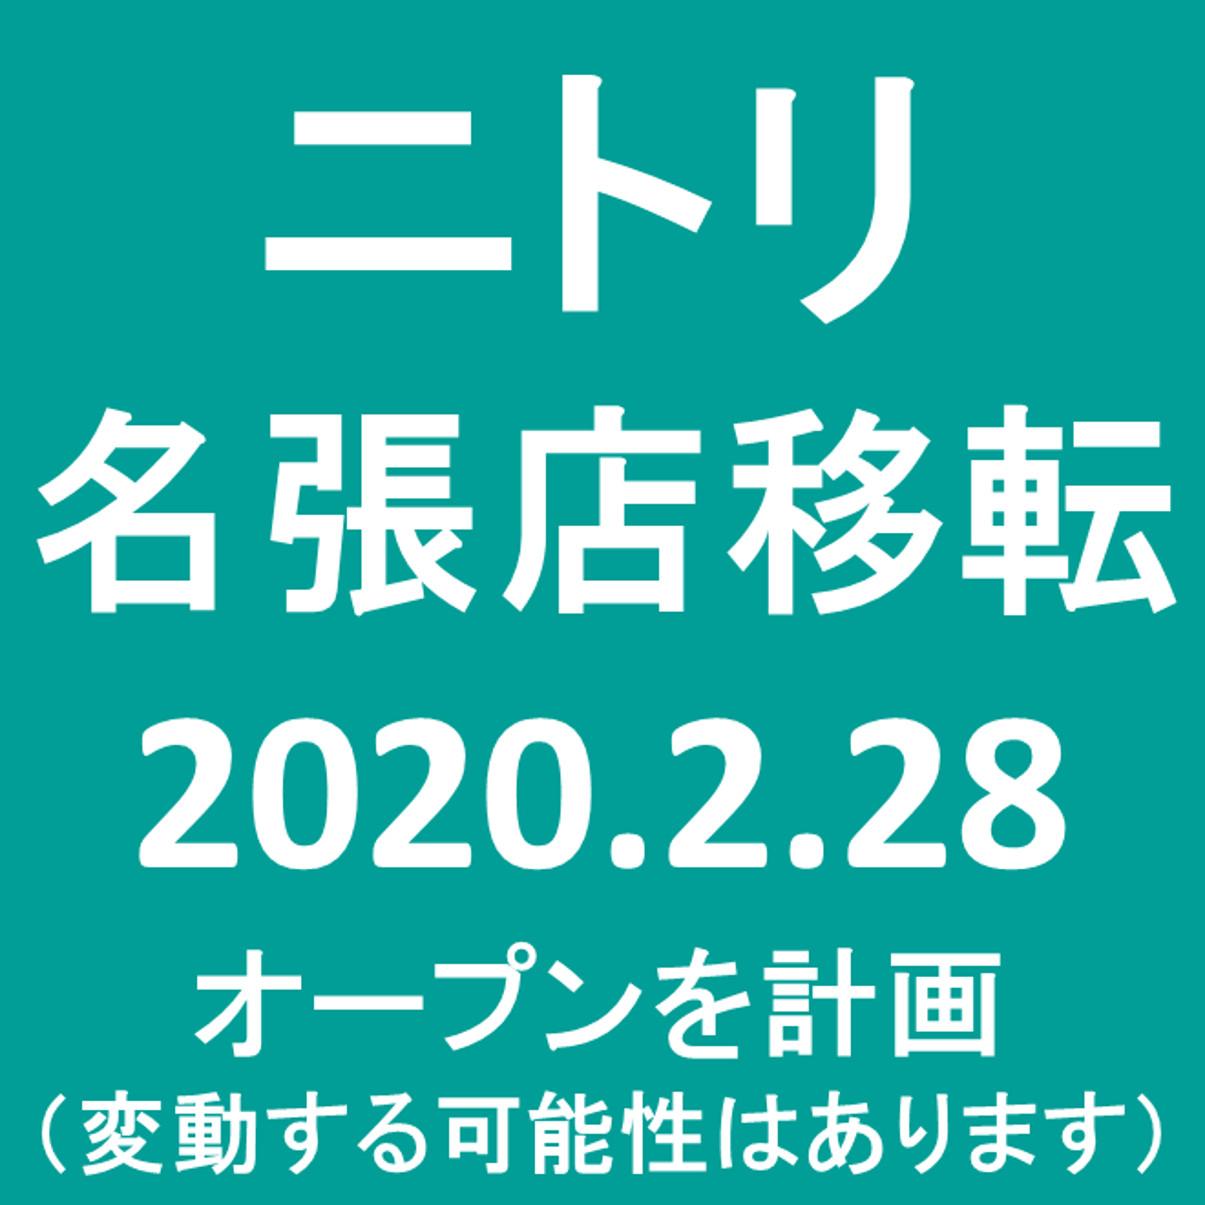 ニトリ名張店移転20200228オープン計画アイキャッチ1205